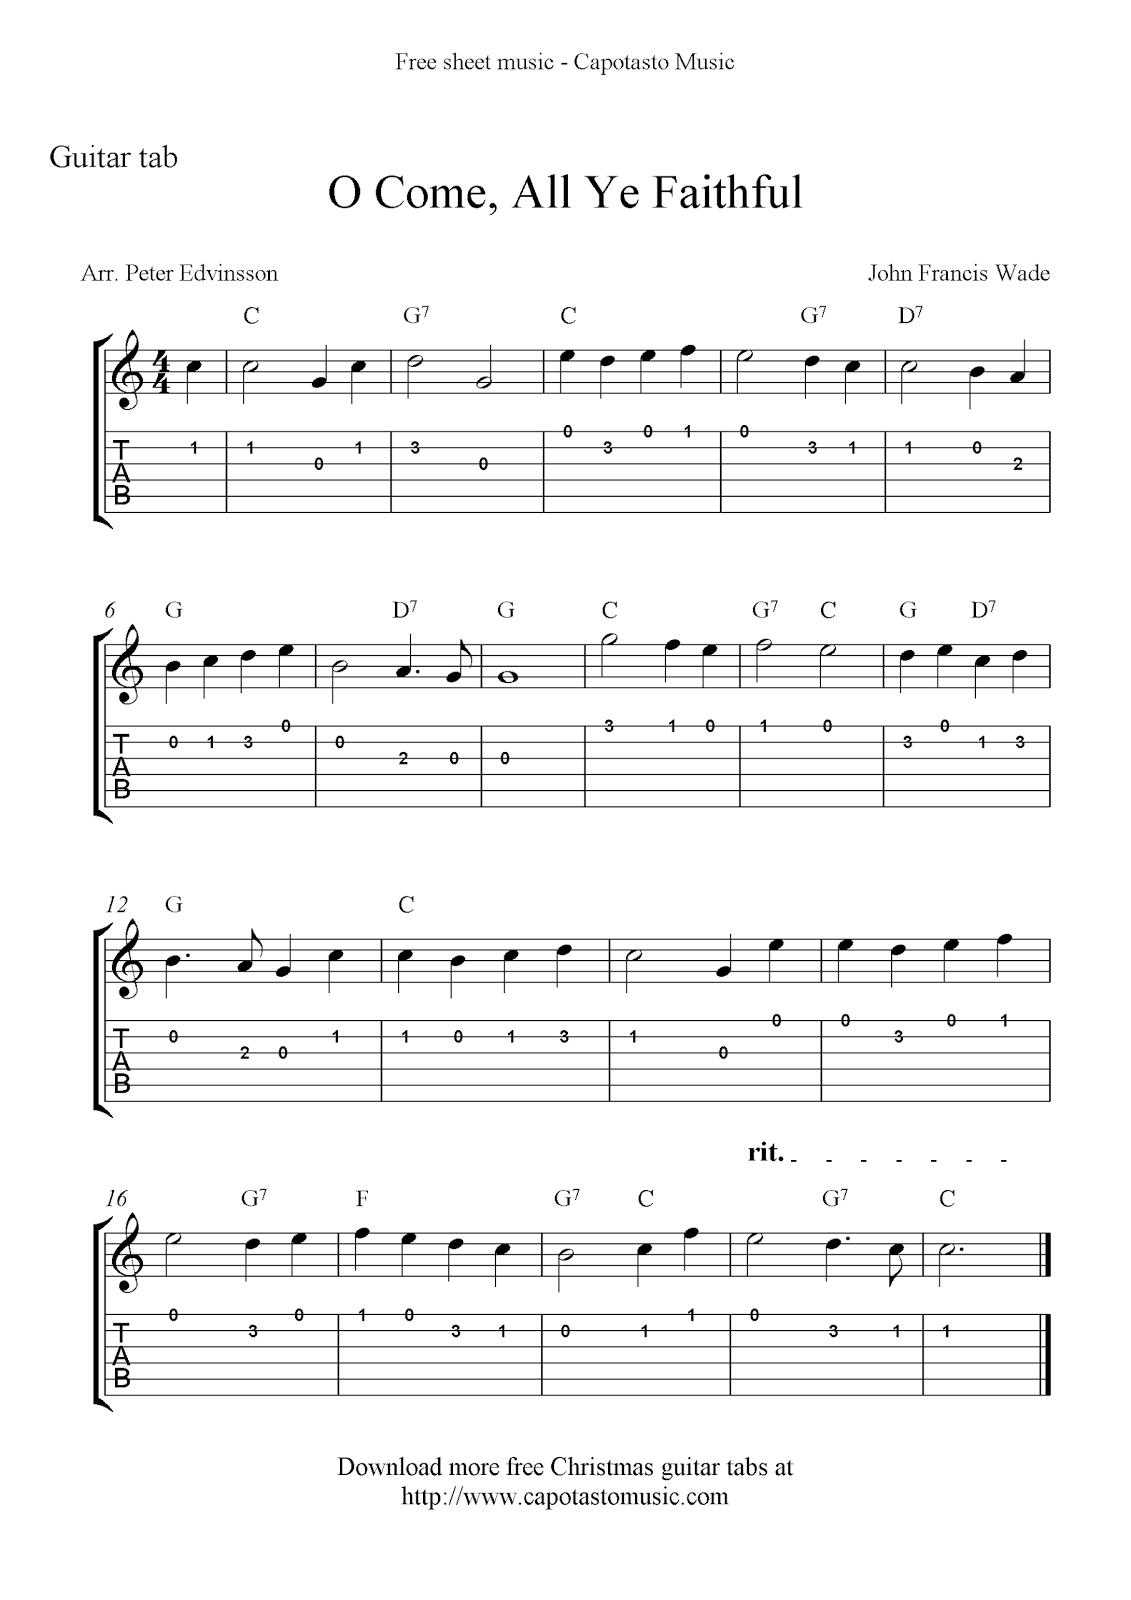 Free Christmas Guitar Tab Sheet Music